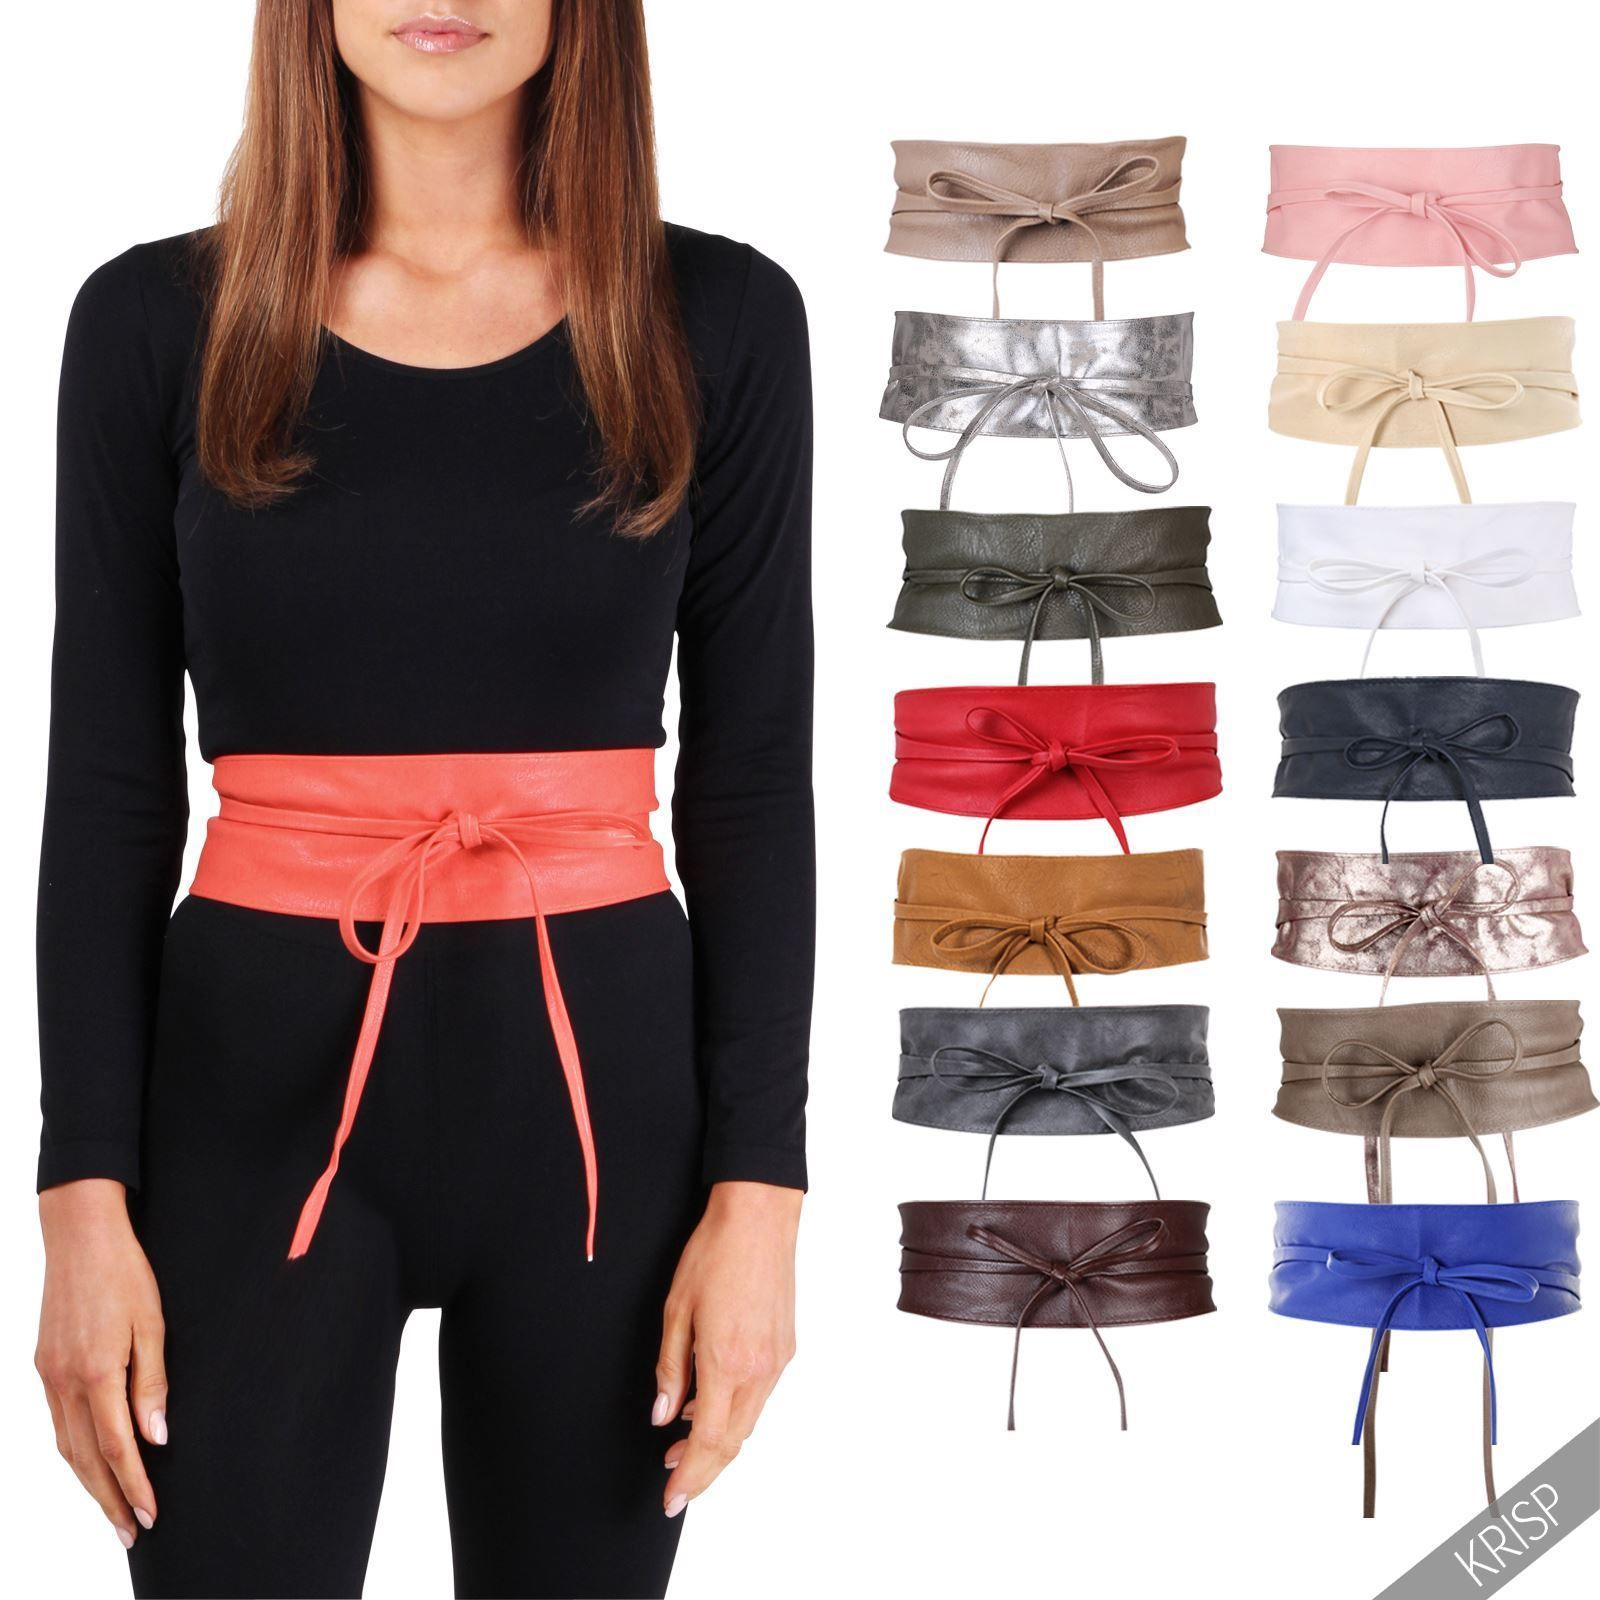 daf2c4a022 Cinturón Mujer Ancho Tacto Cuero Fiesta Cintura Nudo Talla Plus Moda Nuevo